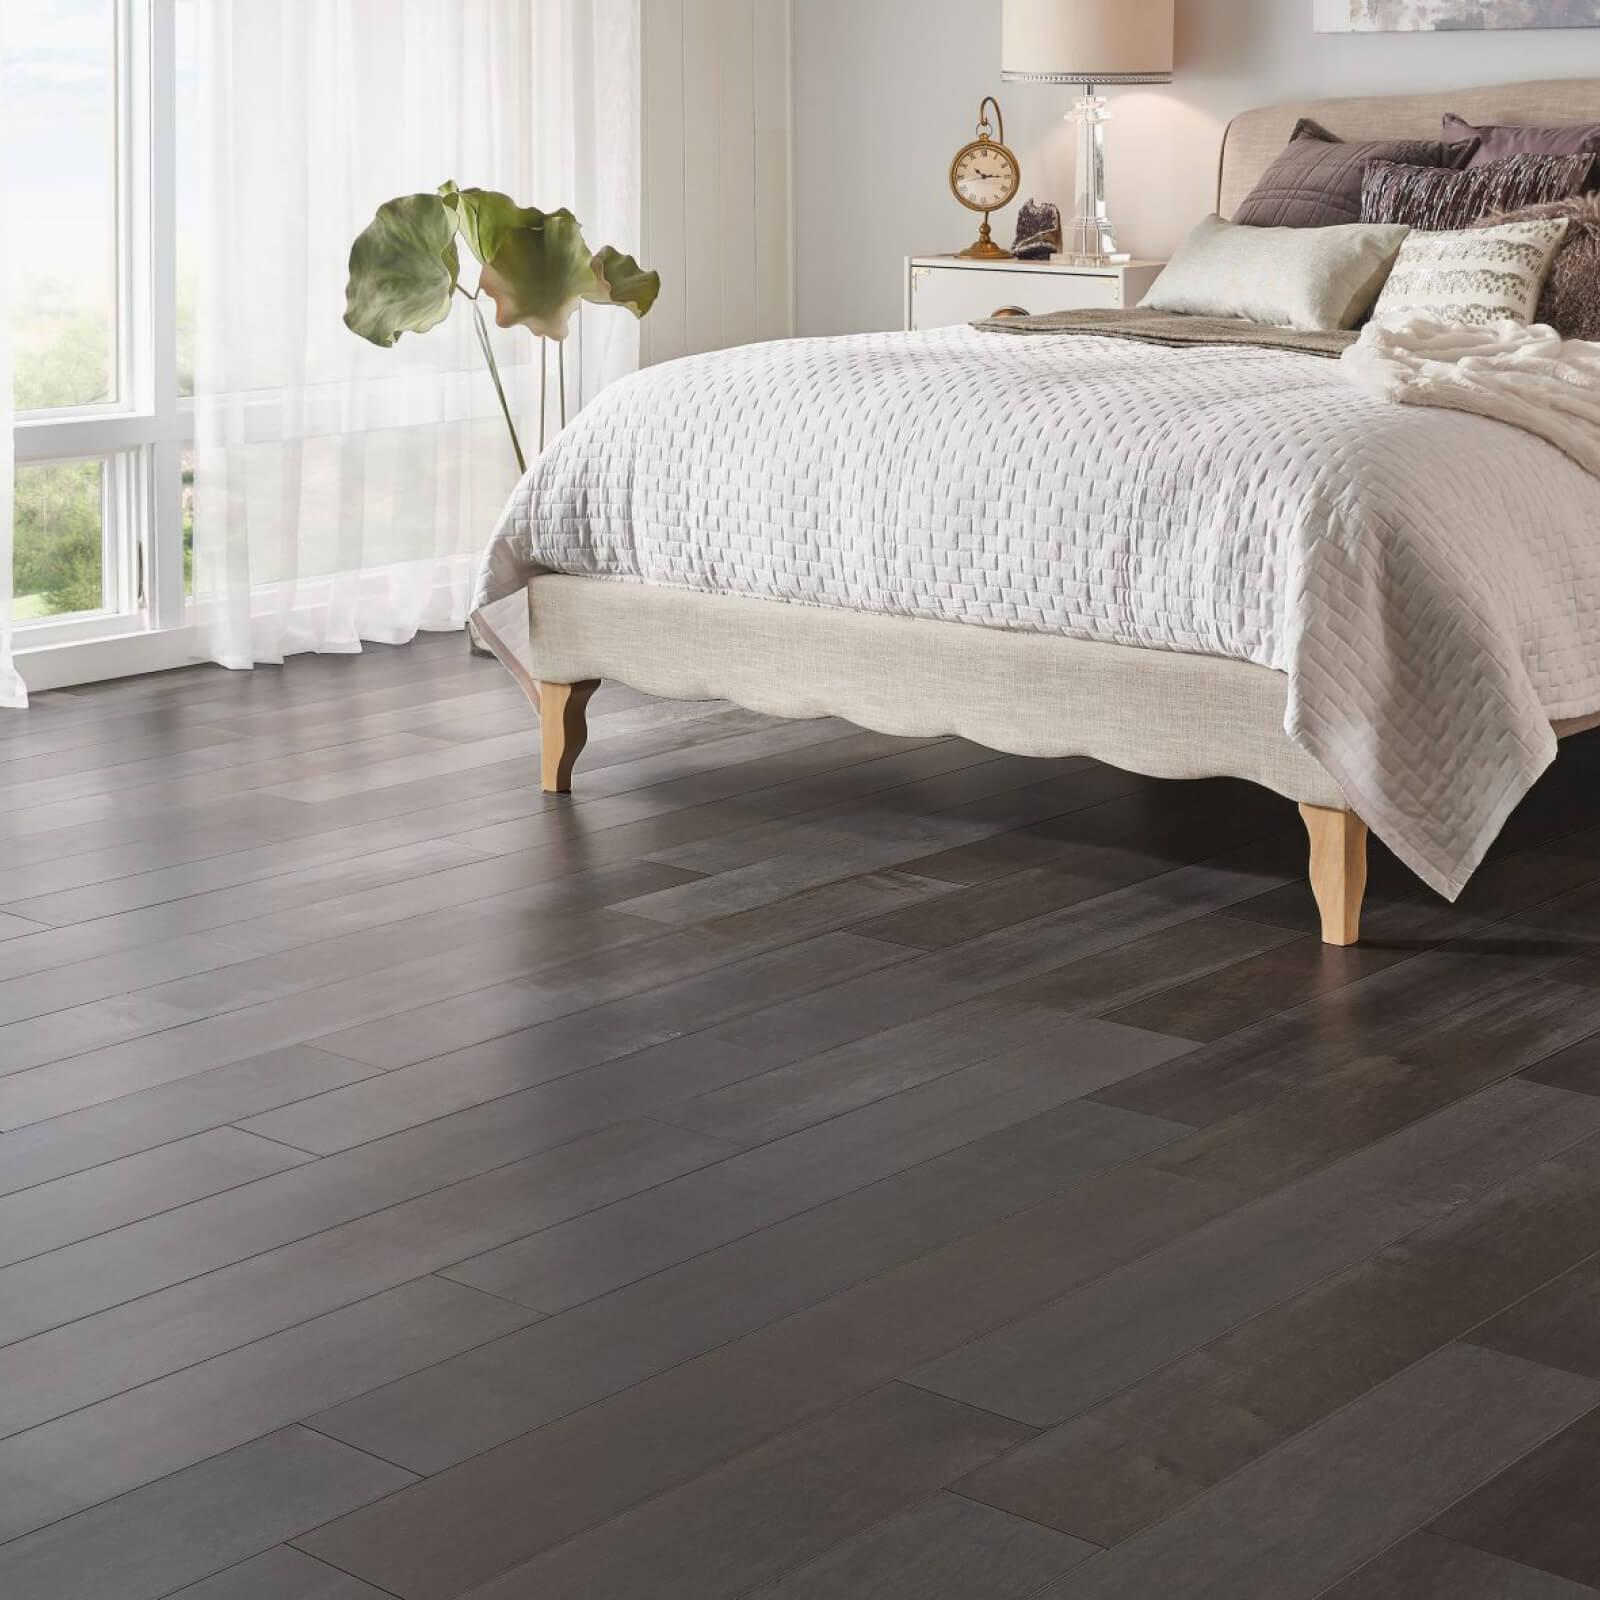 Solid or Engineered Hardwood | Signature Flooring, Inc